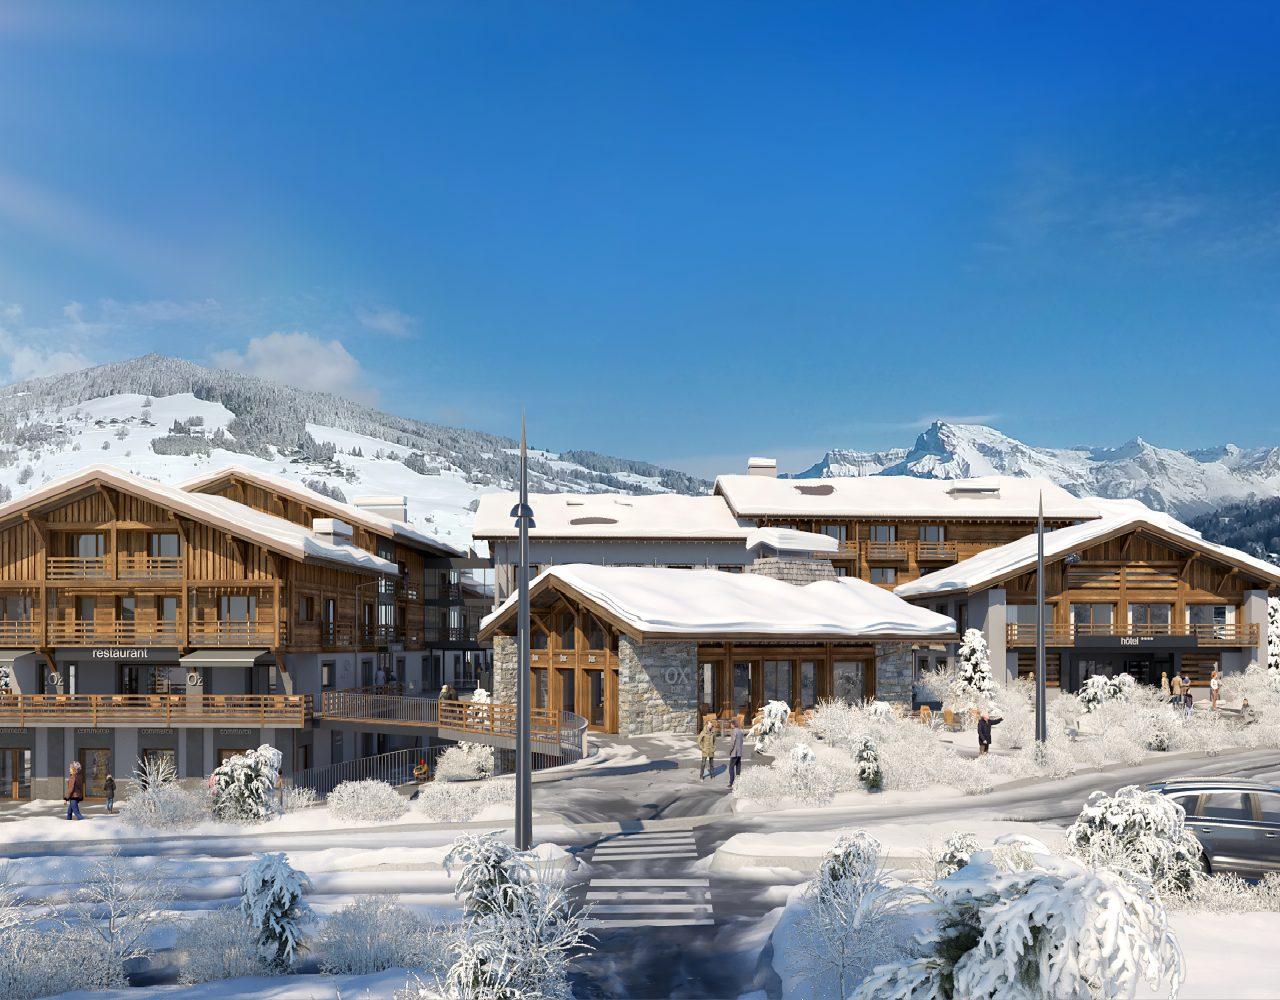 Hôtellerie. Dès ce vendredi, tout est permis au Novotel Megève Mont-Blanc